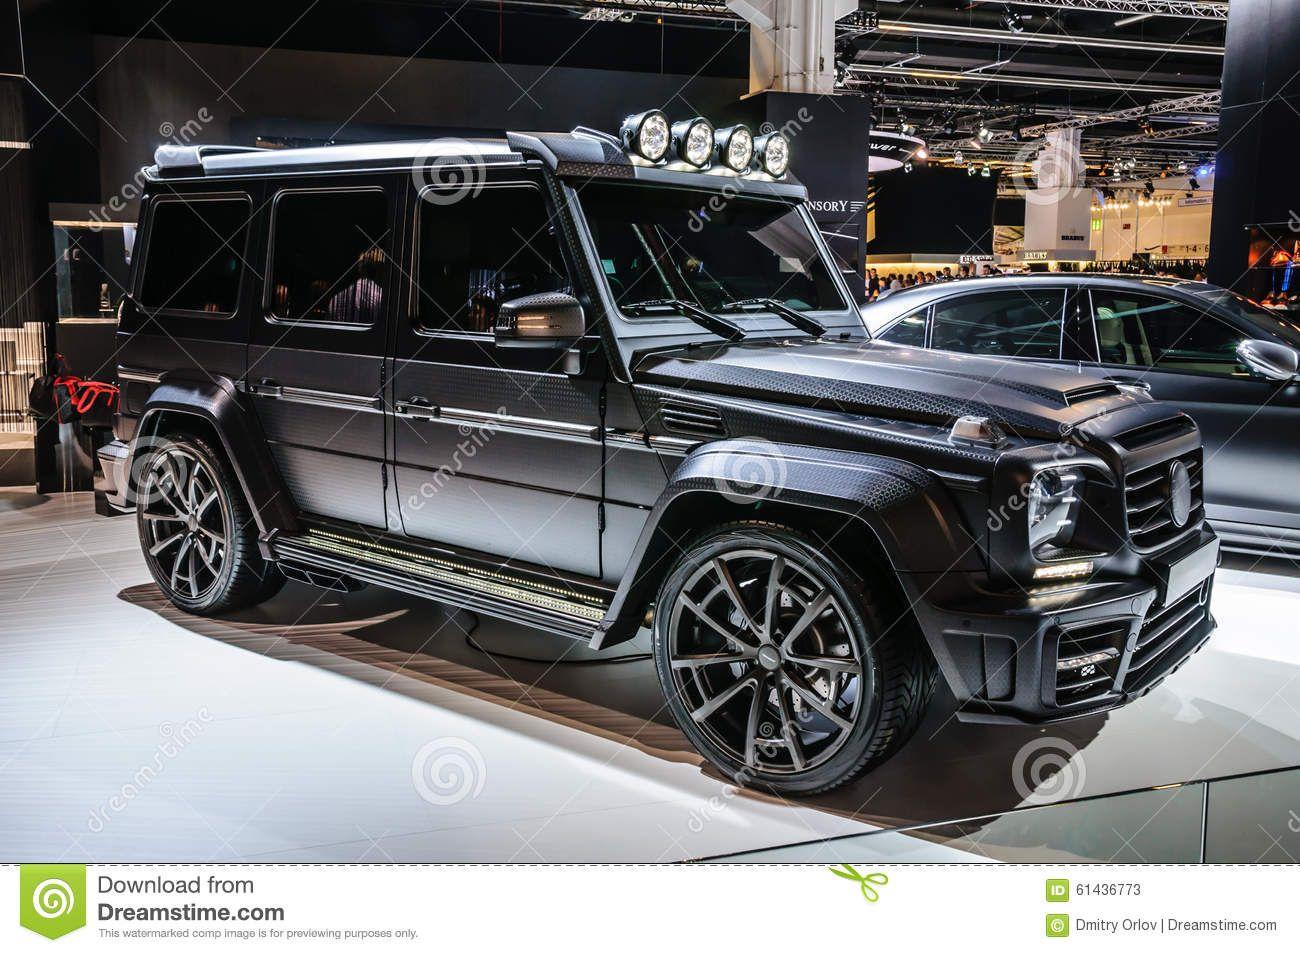 studio g gelendvagen wallpaper benz suv class jeep front vilner mercedes id tuning gelandewagen